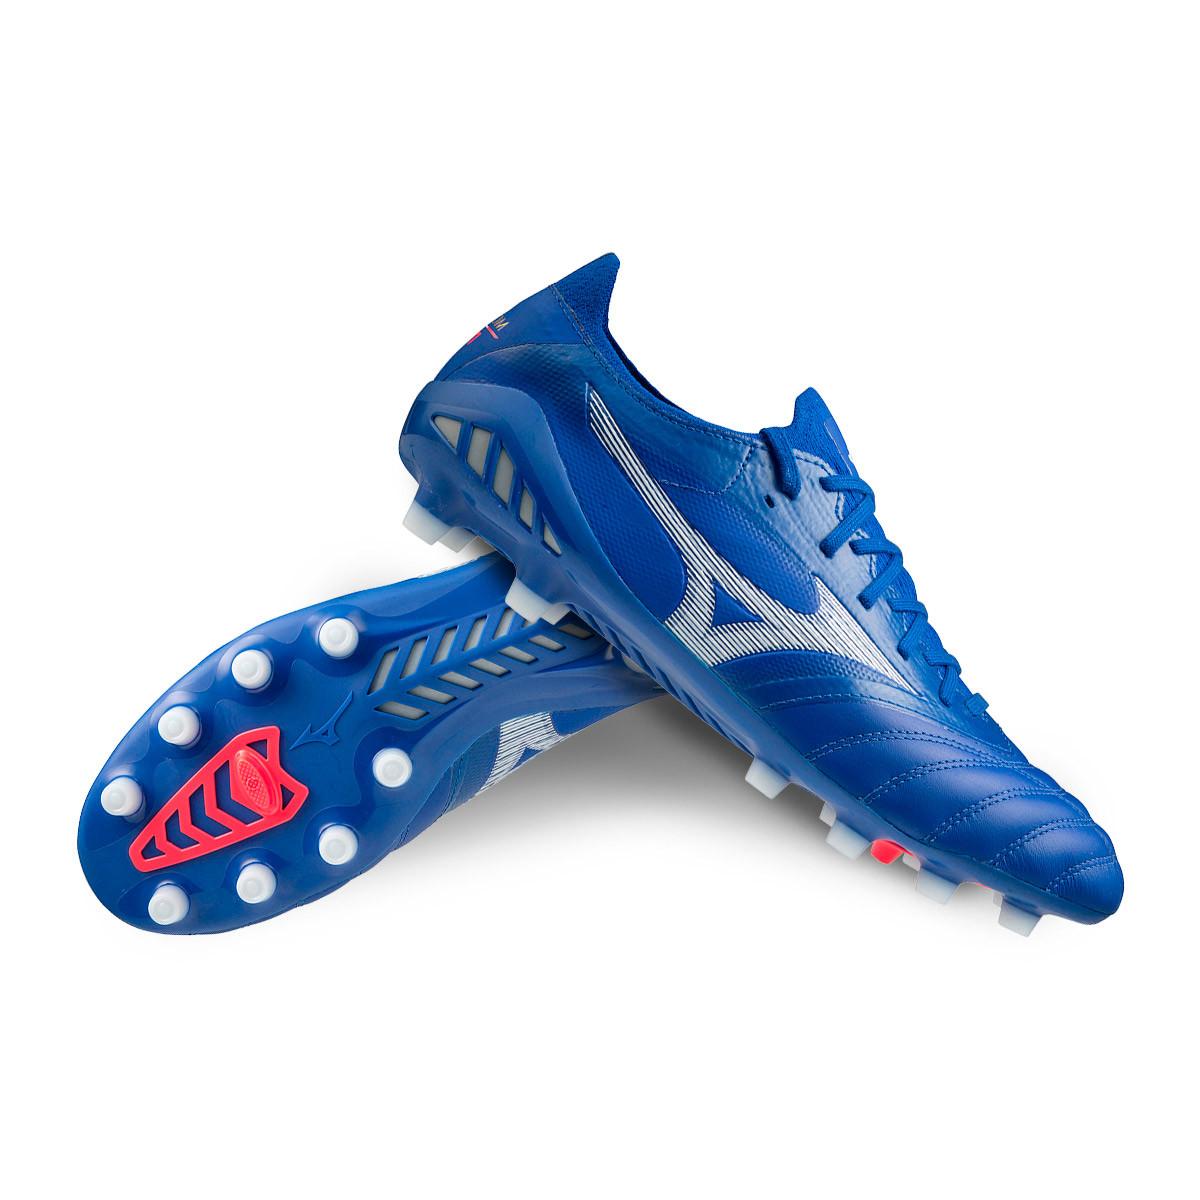 mizuno soccer shoes canada precios